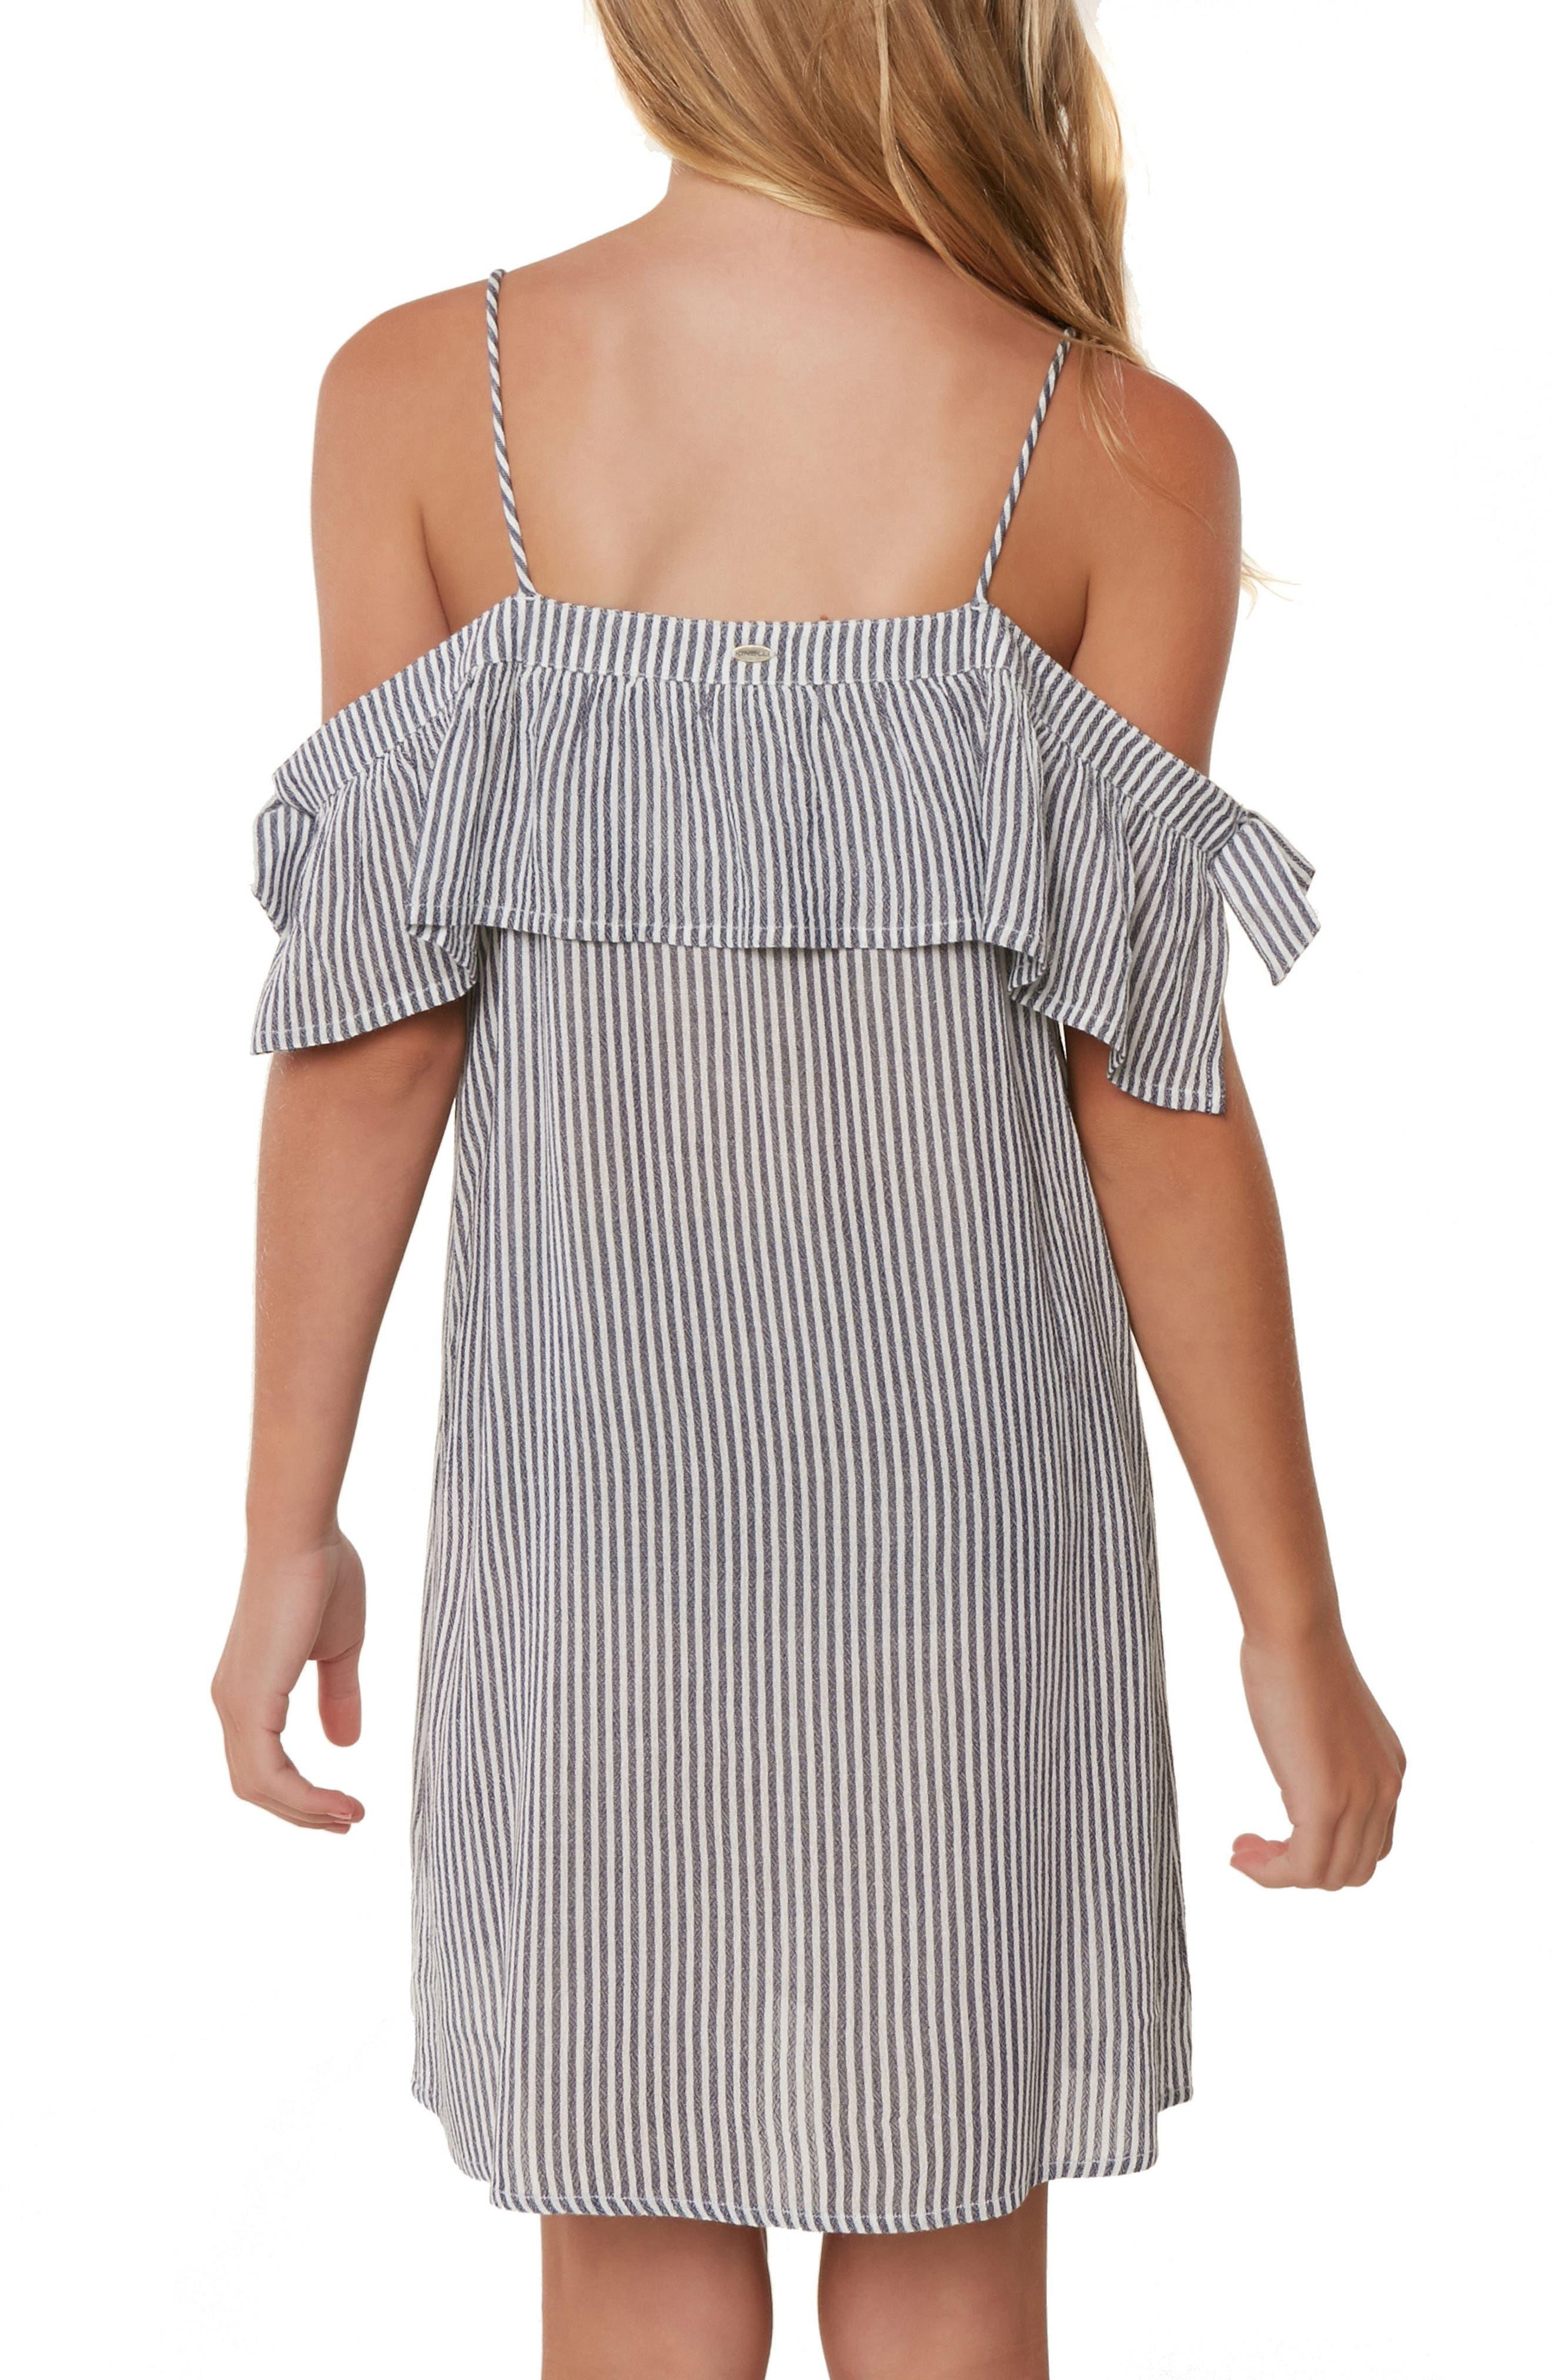 Myla Stripe Cold Shoulder Cover-Up Dress,                             Alternate thumbnail 4, color,                             WASHED INDIGO